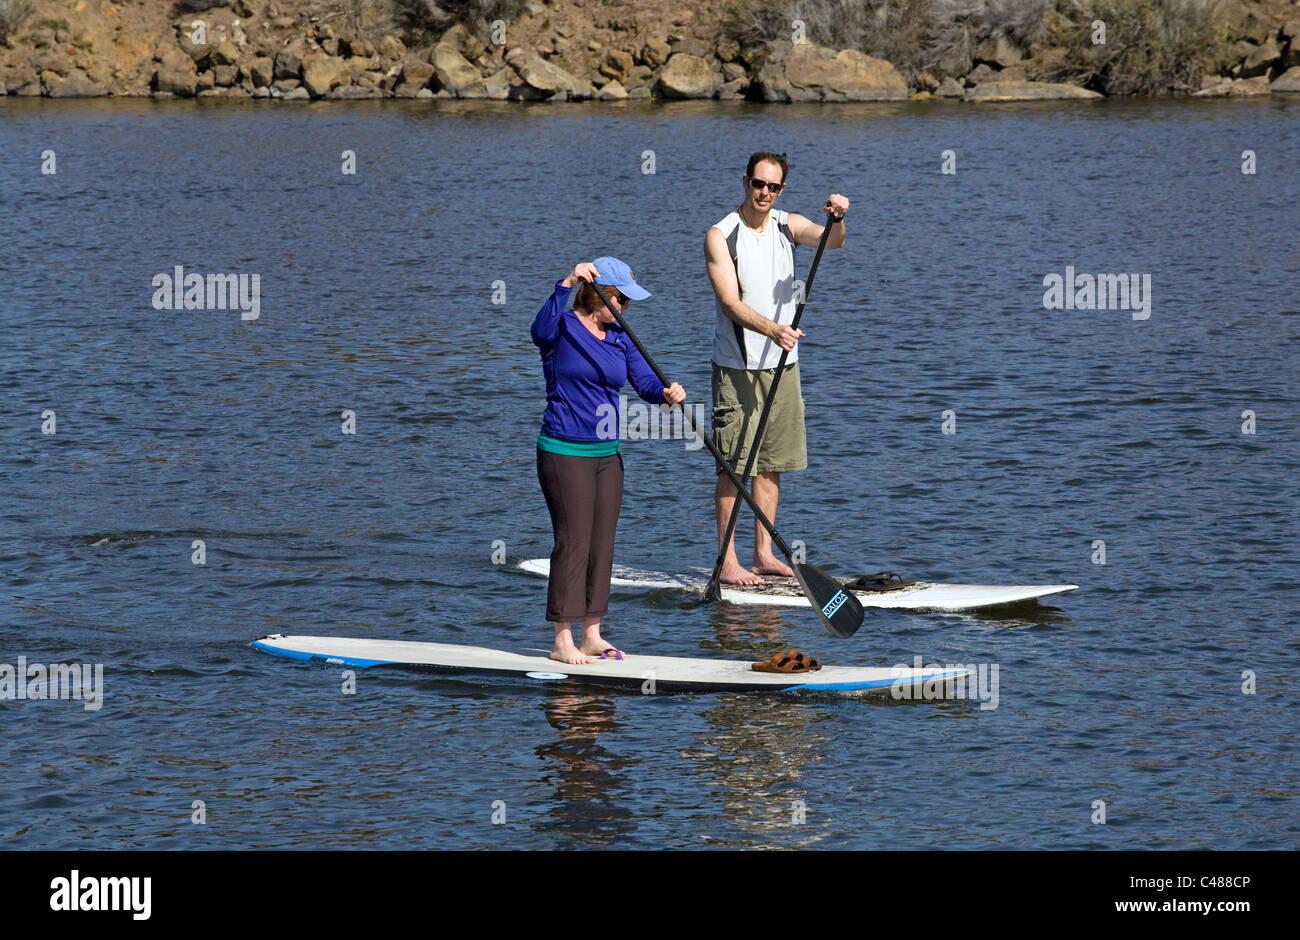 78cffc1c3f Standup Stock Photos & Standup Stock Images - Alamy